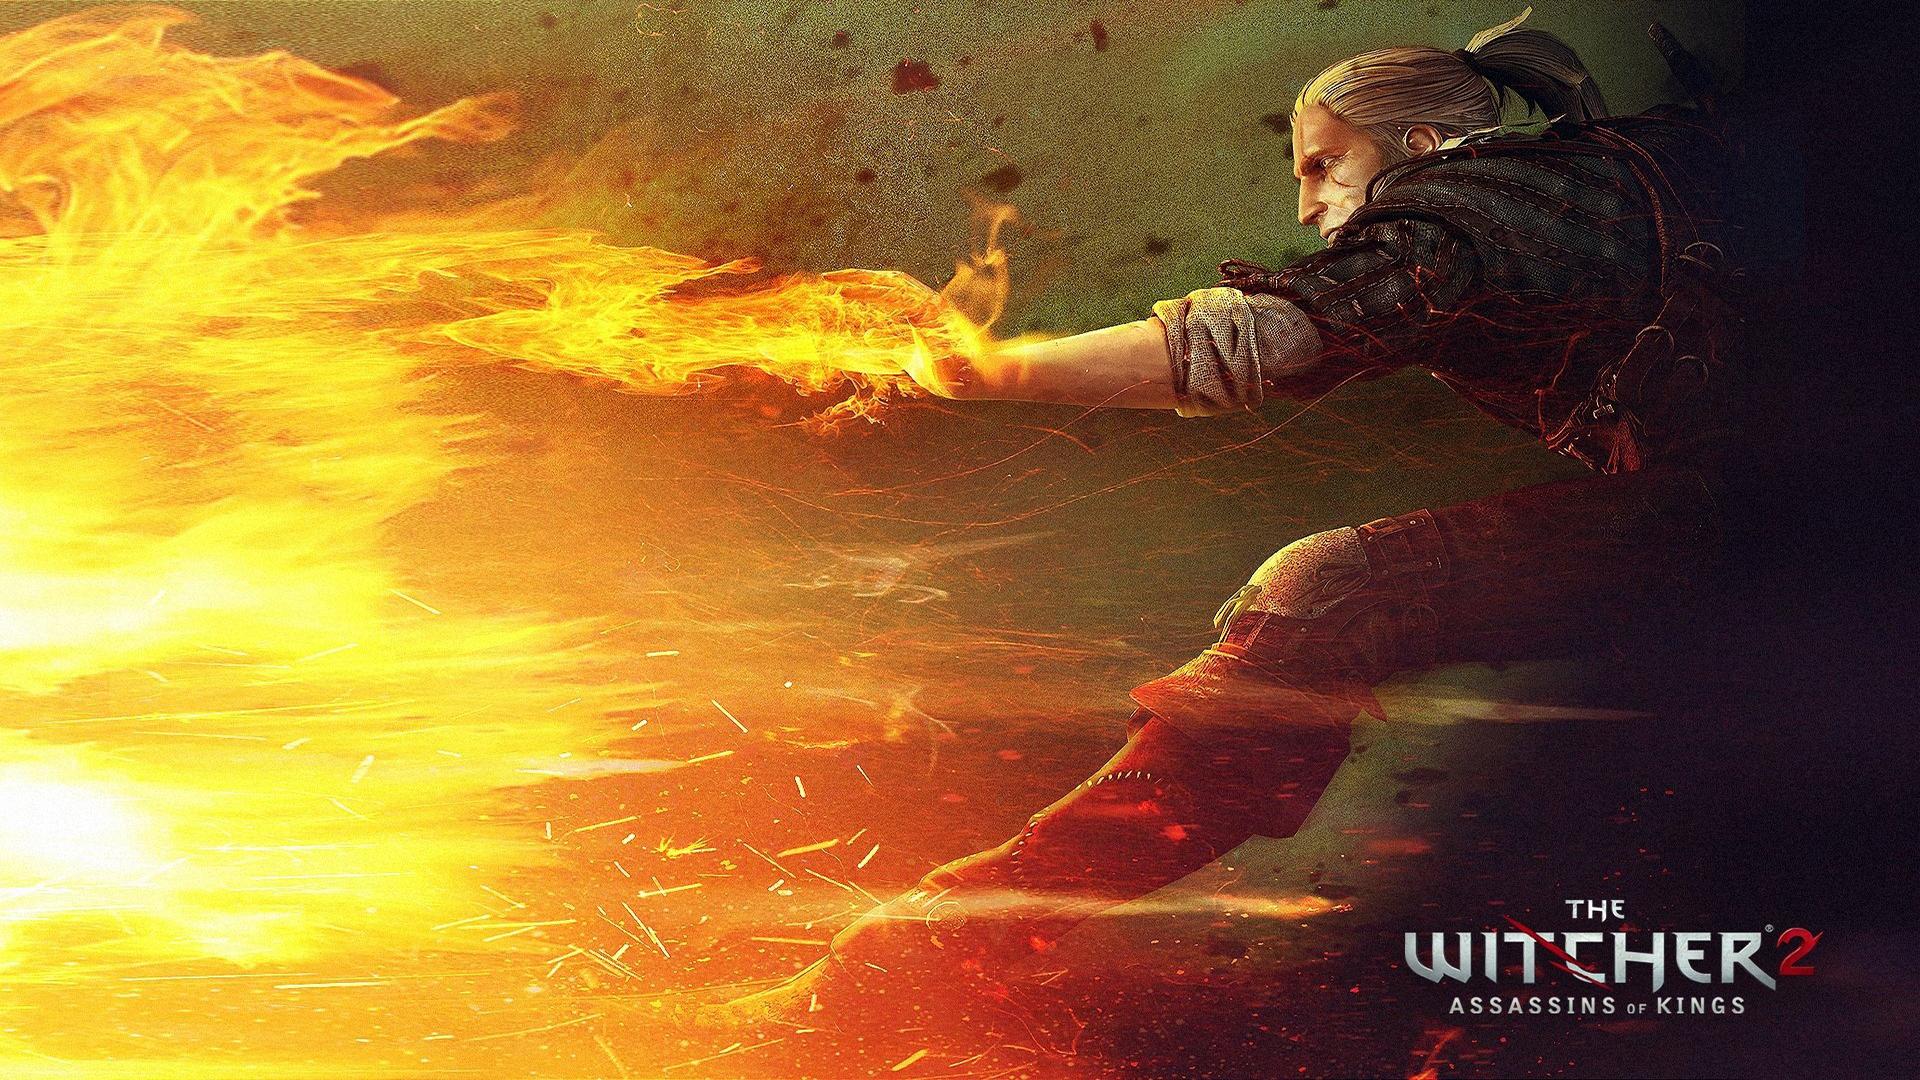 《巫师2:国王刺客》V2.0至2.1官方升级档